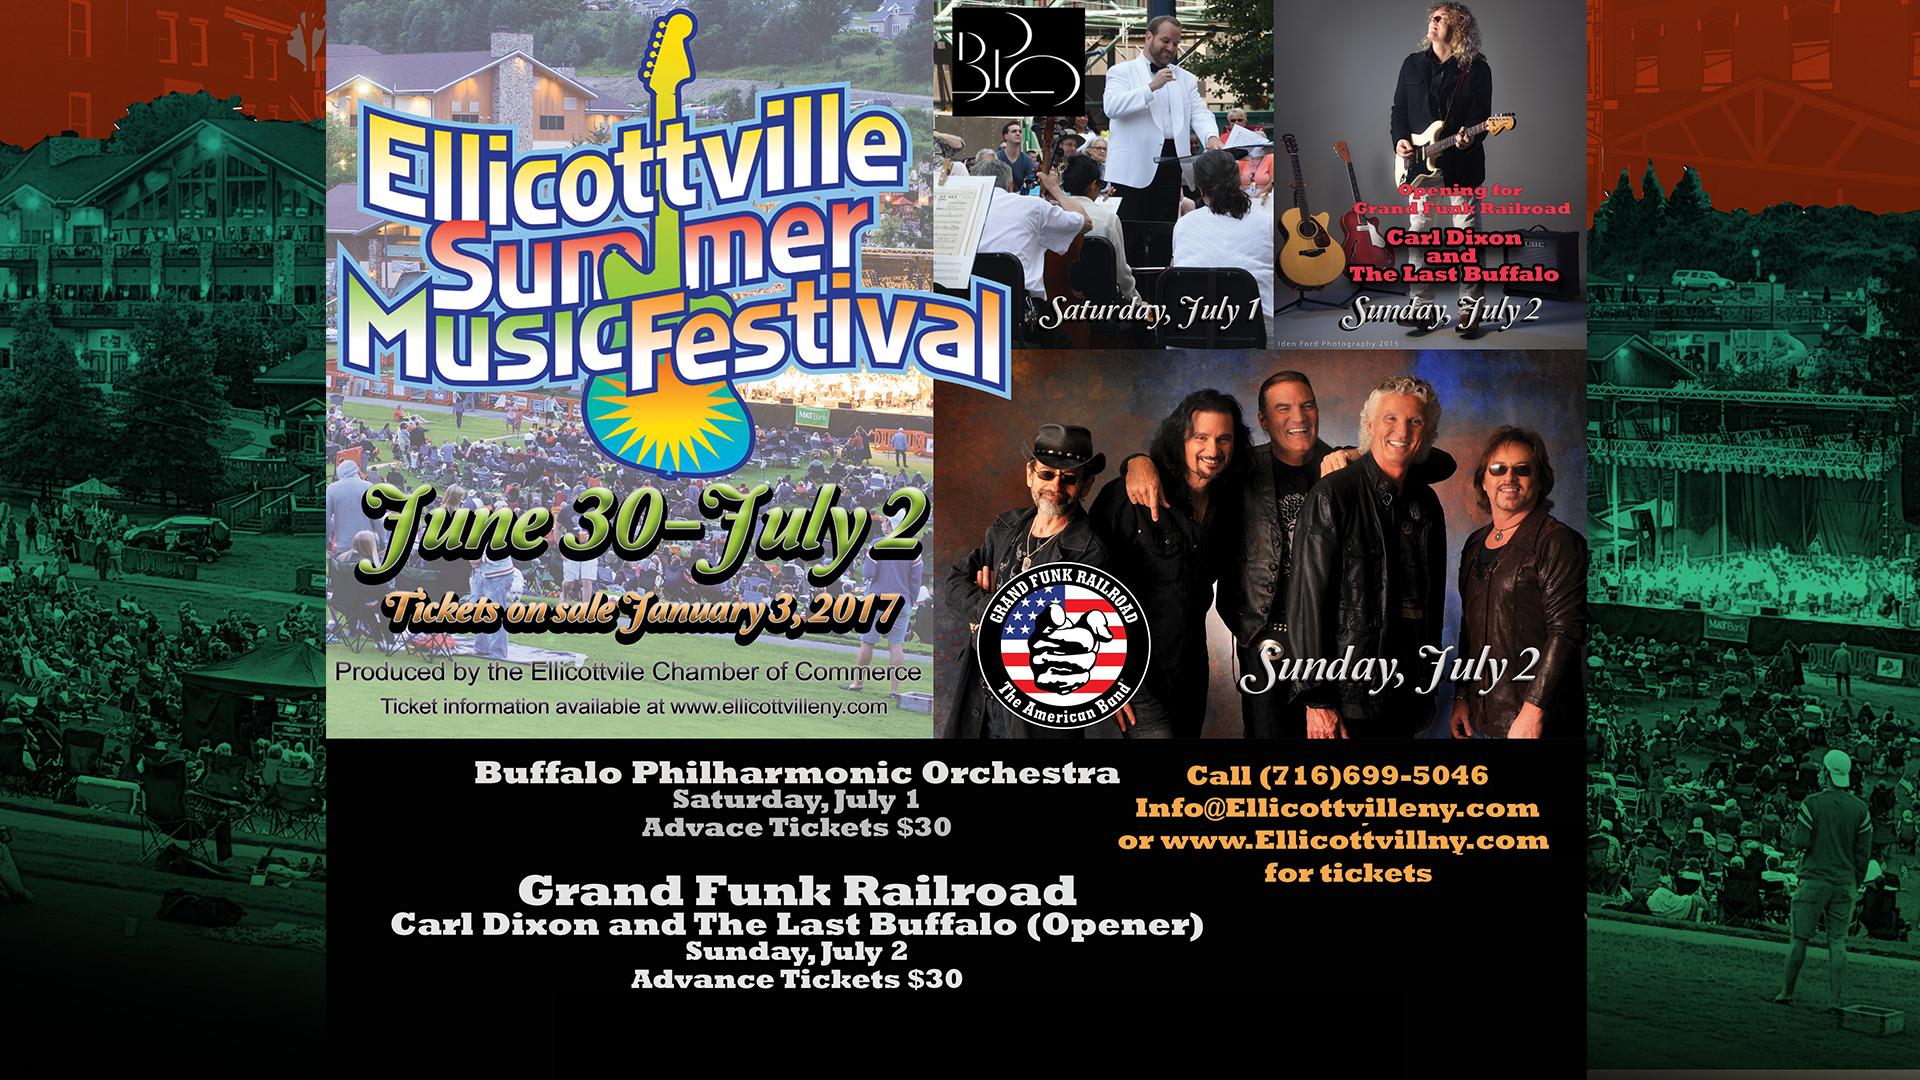 Ellicottville Summer Music Festival!